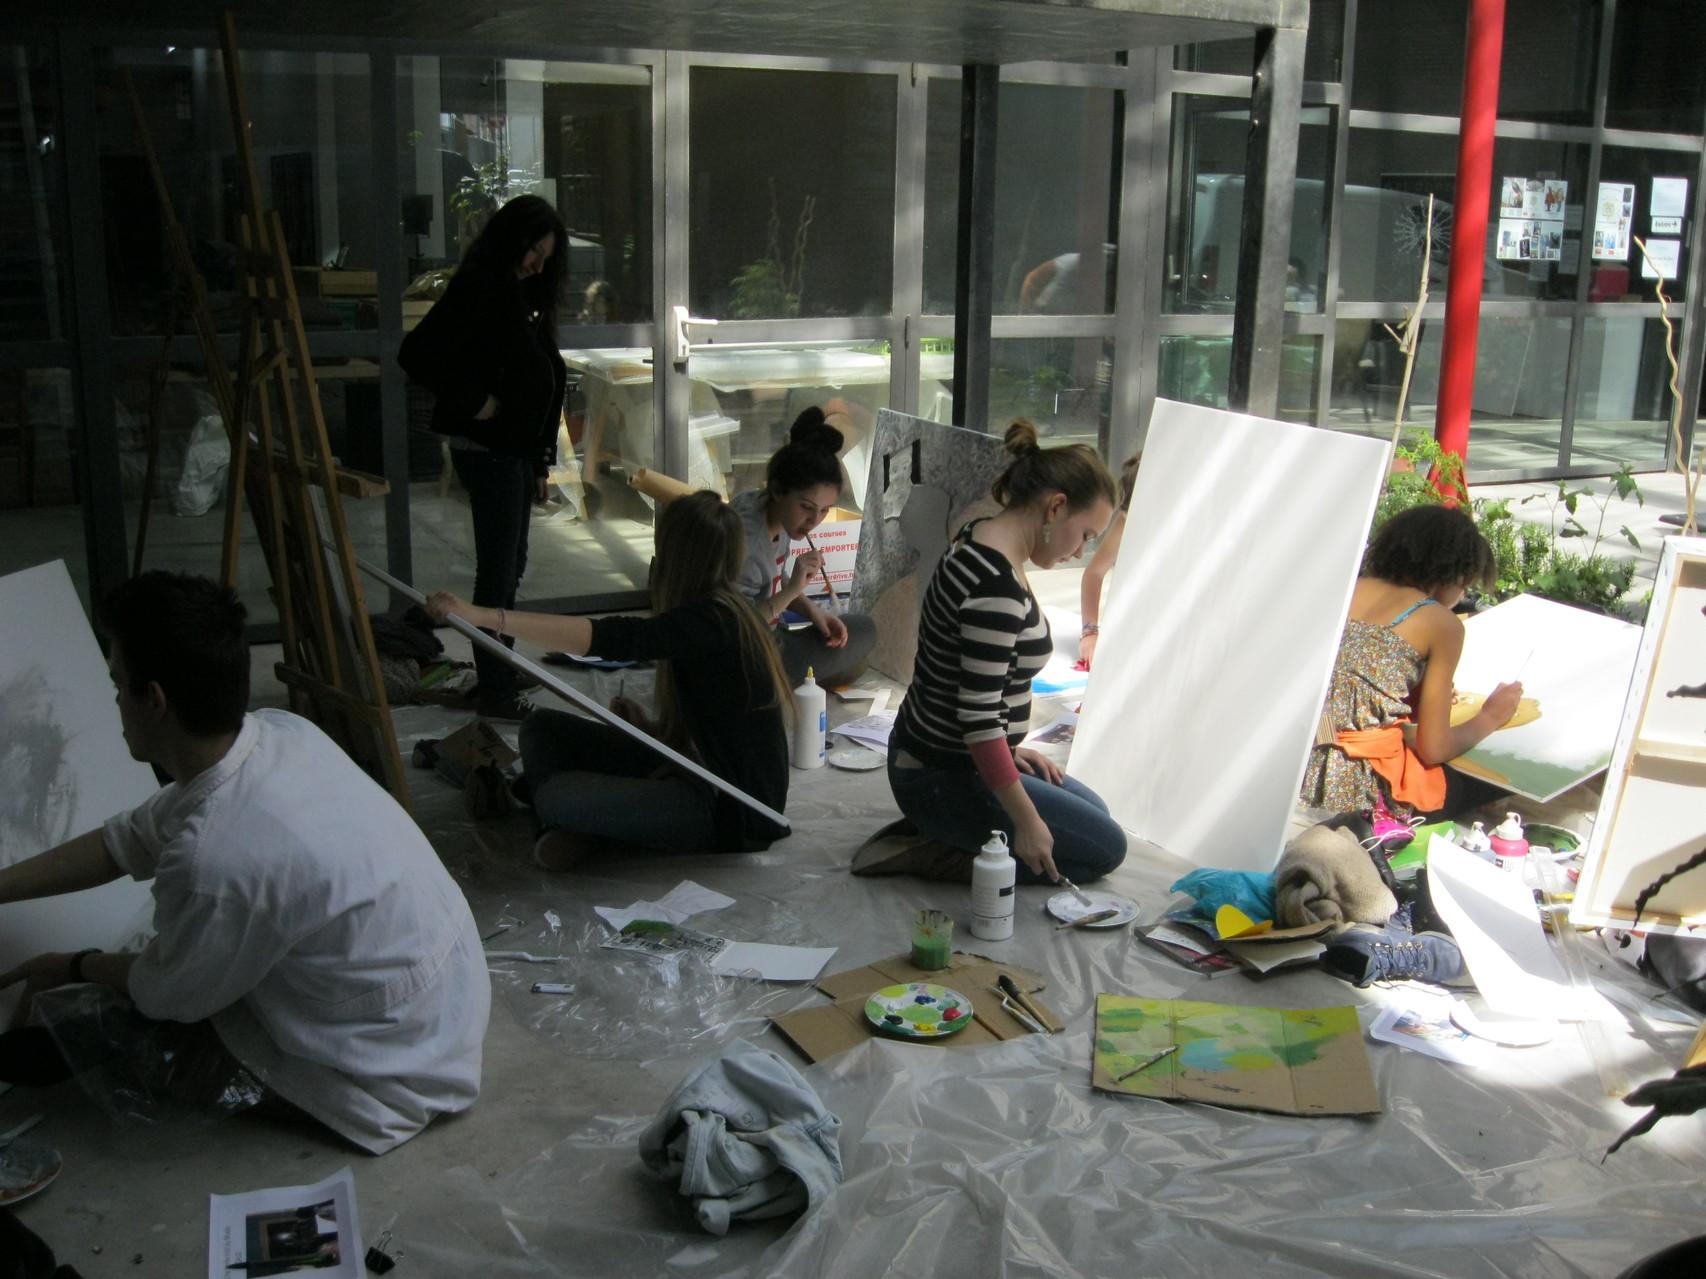 """Atelier artistique """"Je suis mon patrimoine"""" au centre d'art ACMCM de Perpignan"""